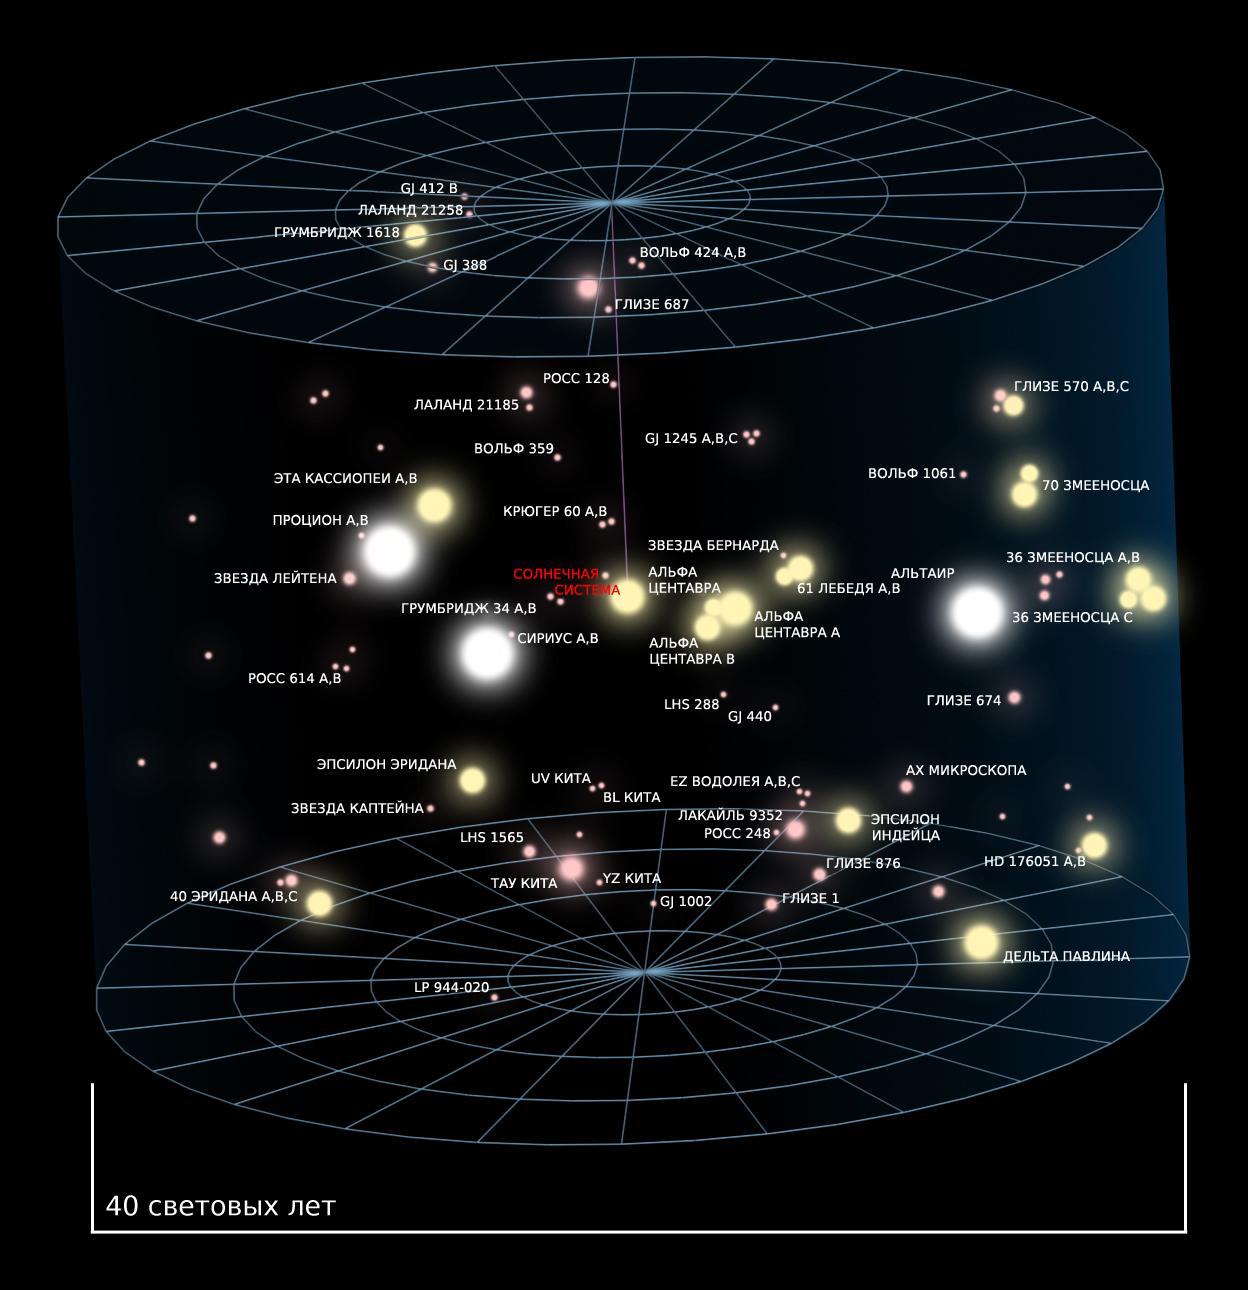 Небесные врата гадания предсказания гороскоп зодиак